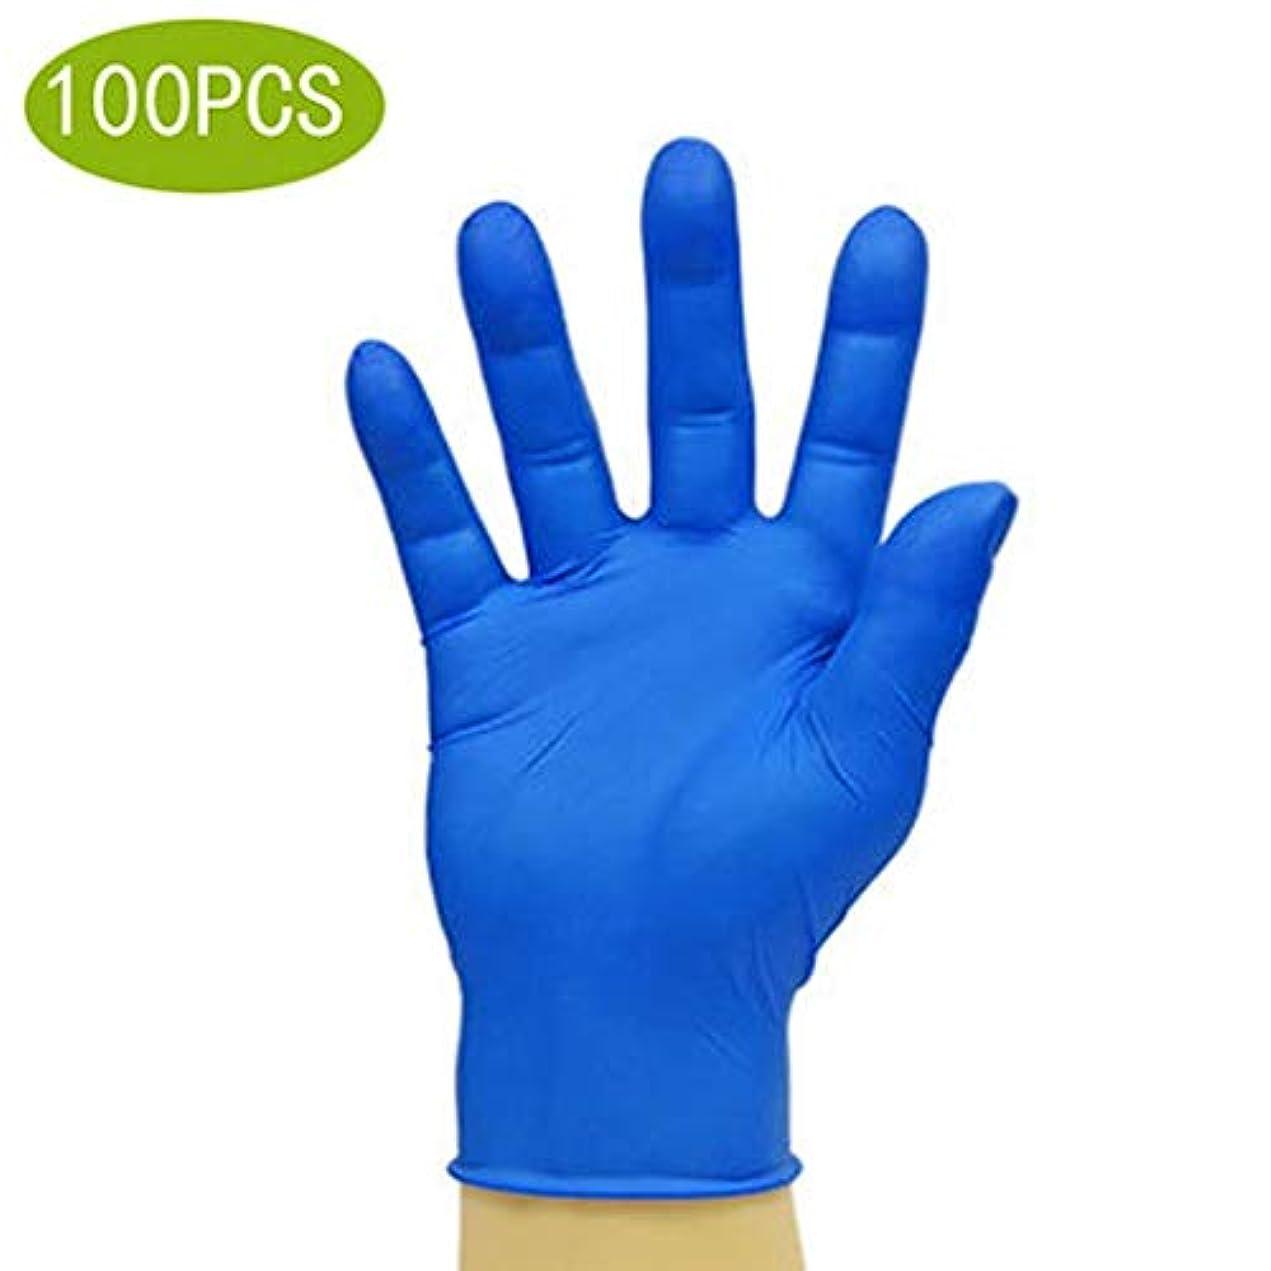 気候の山四半期転倒家庭用品使い捨て手袋ニトリル試験手袋医療用グレードパウダーフリー非S-L、インディゴ、ラージ、100カウント (Size : S)